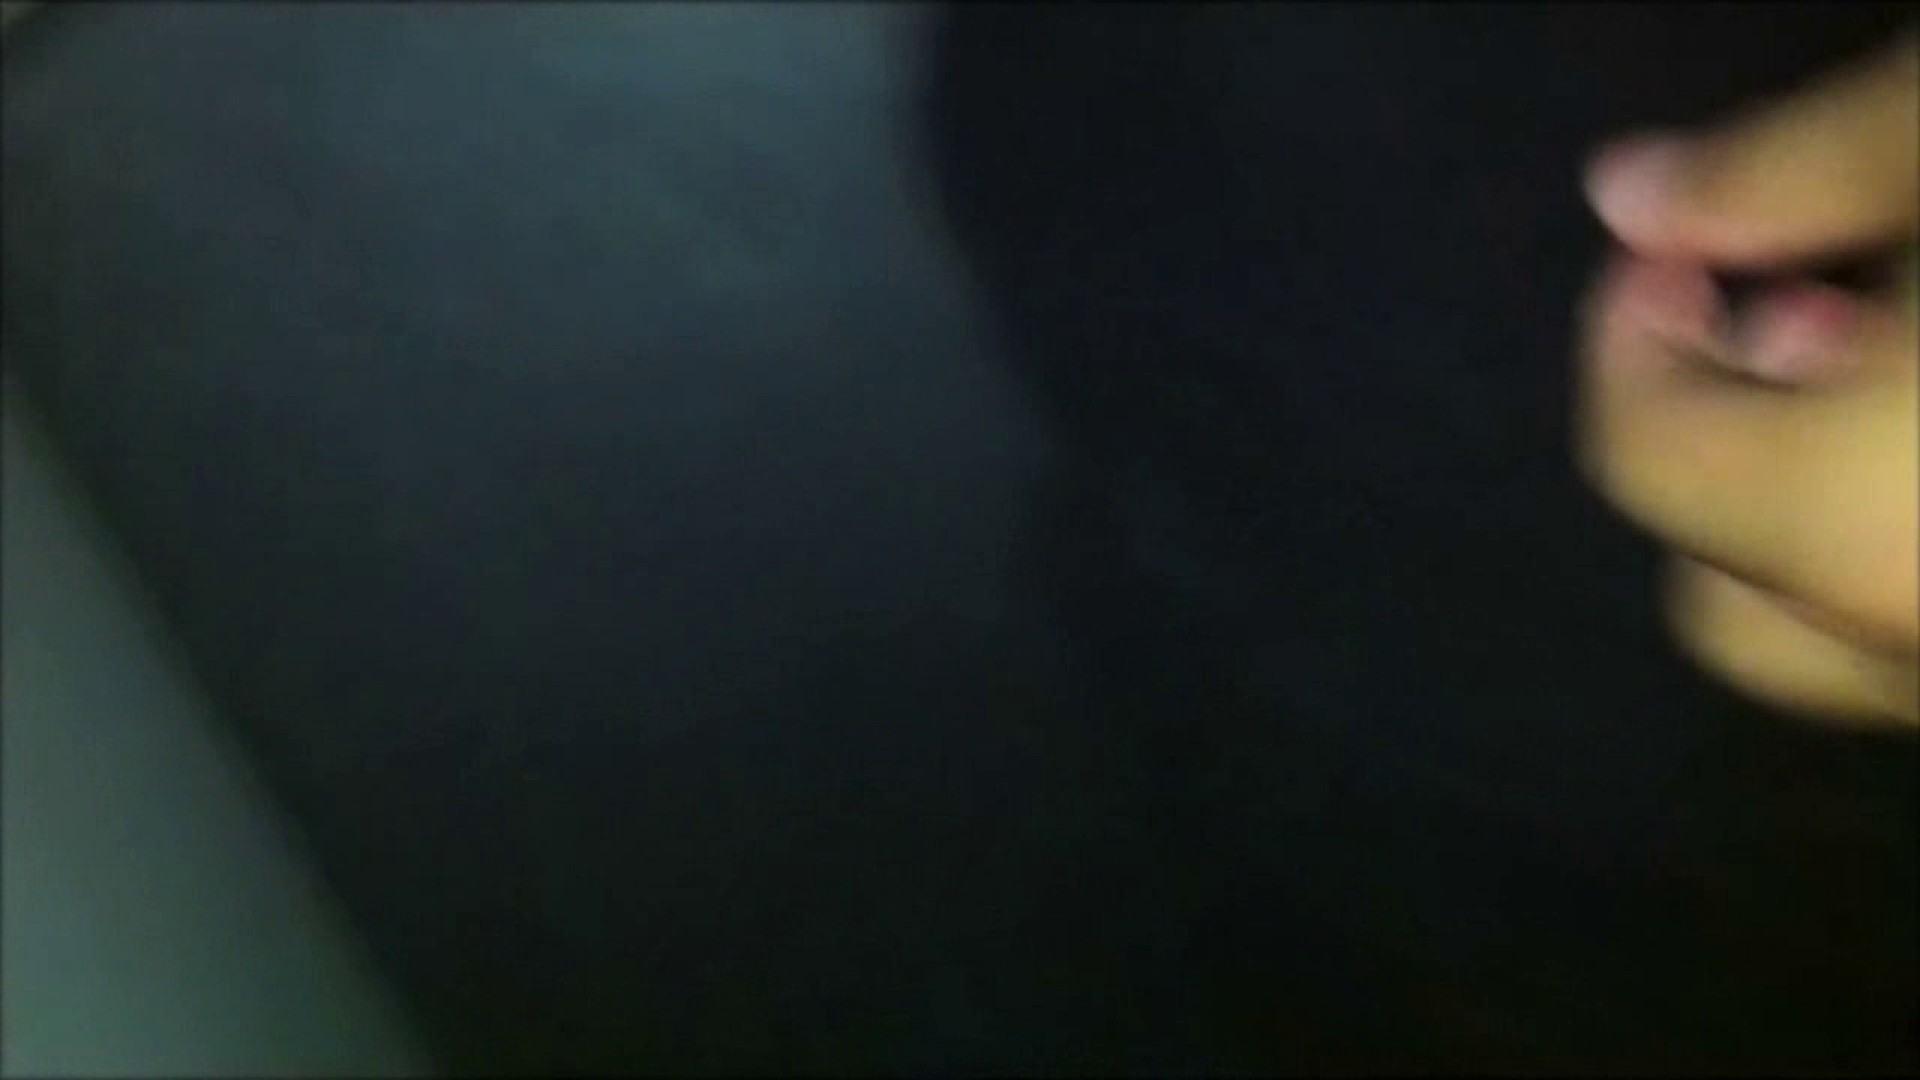 魔術師の お・も・て・な・し vol.05 21歳 美乳にイタズラ 美乳 | 美女OL  110連発 93